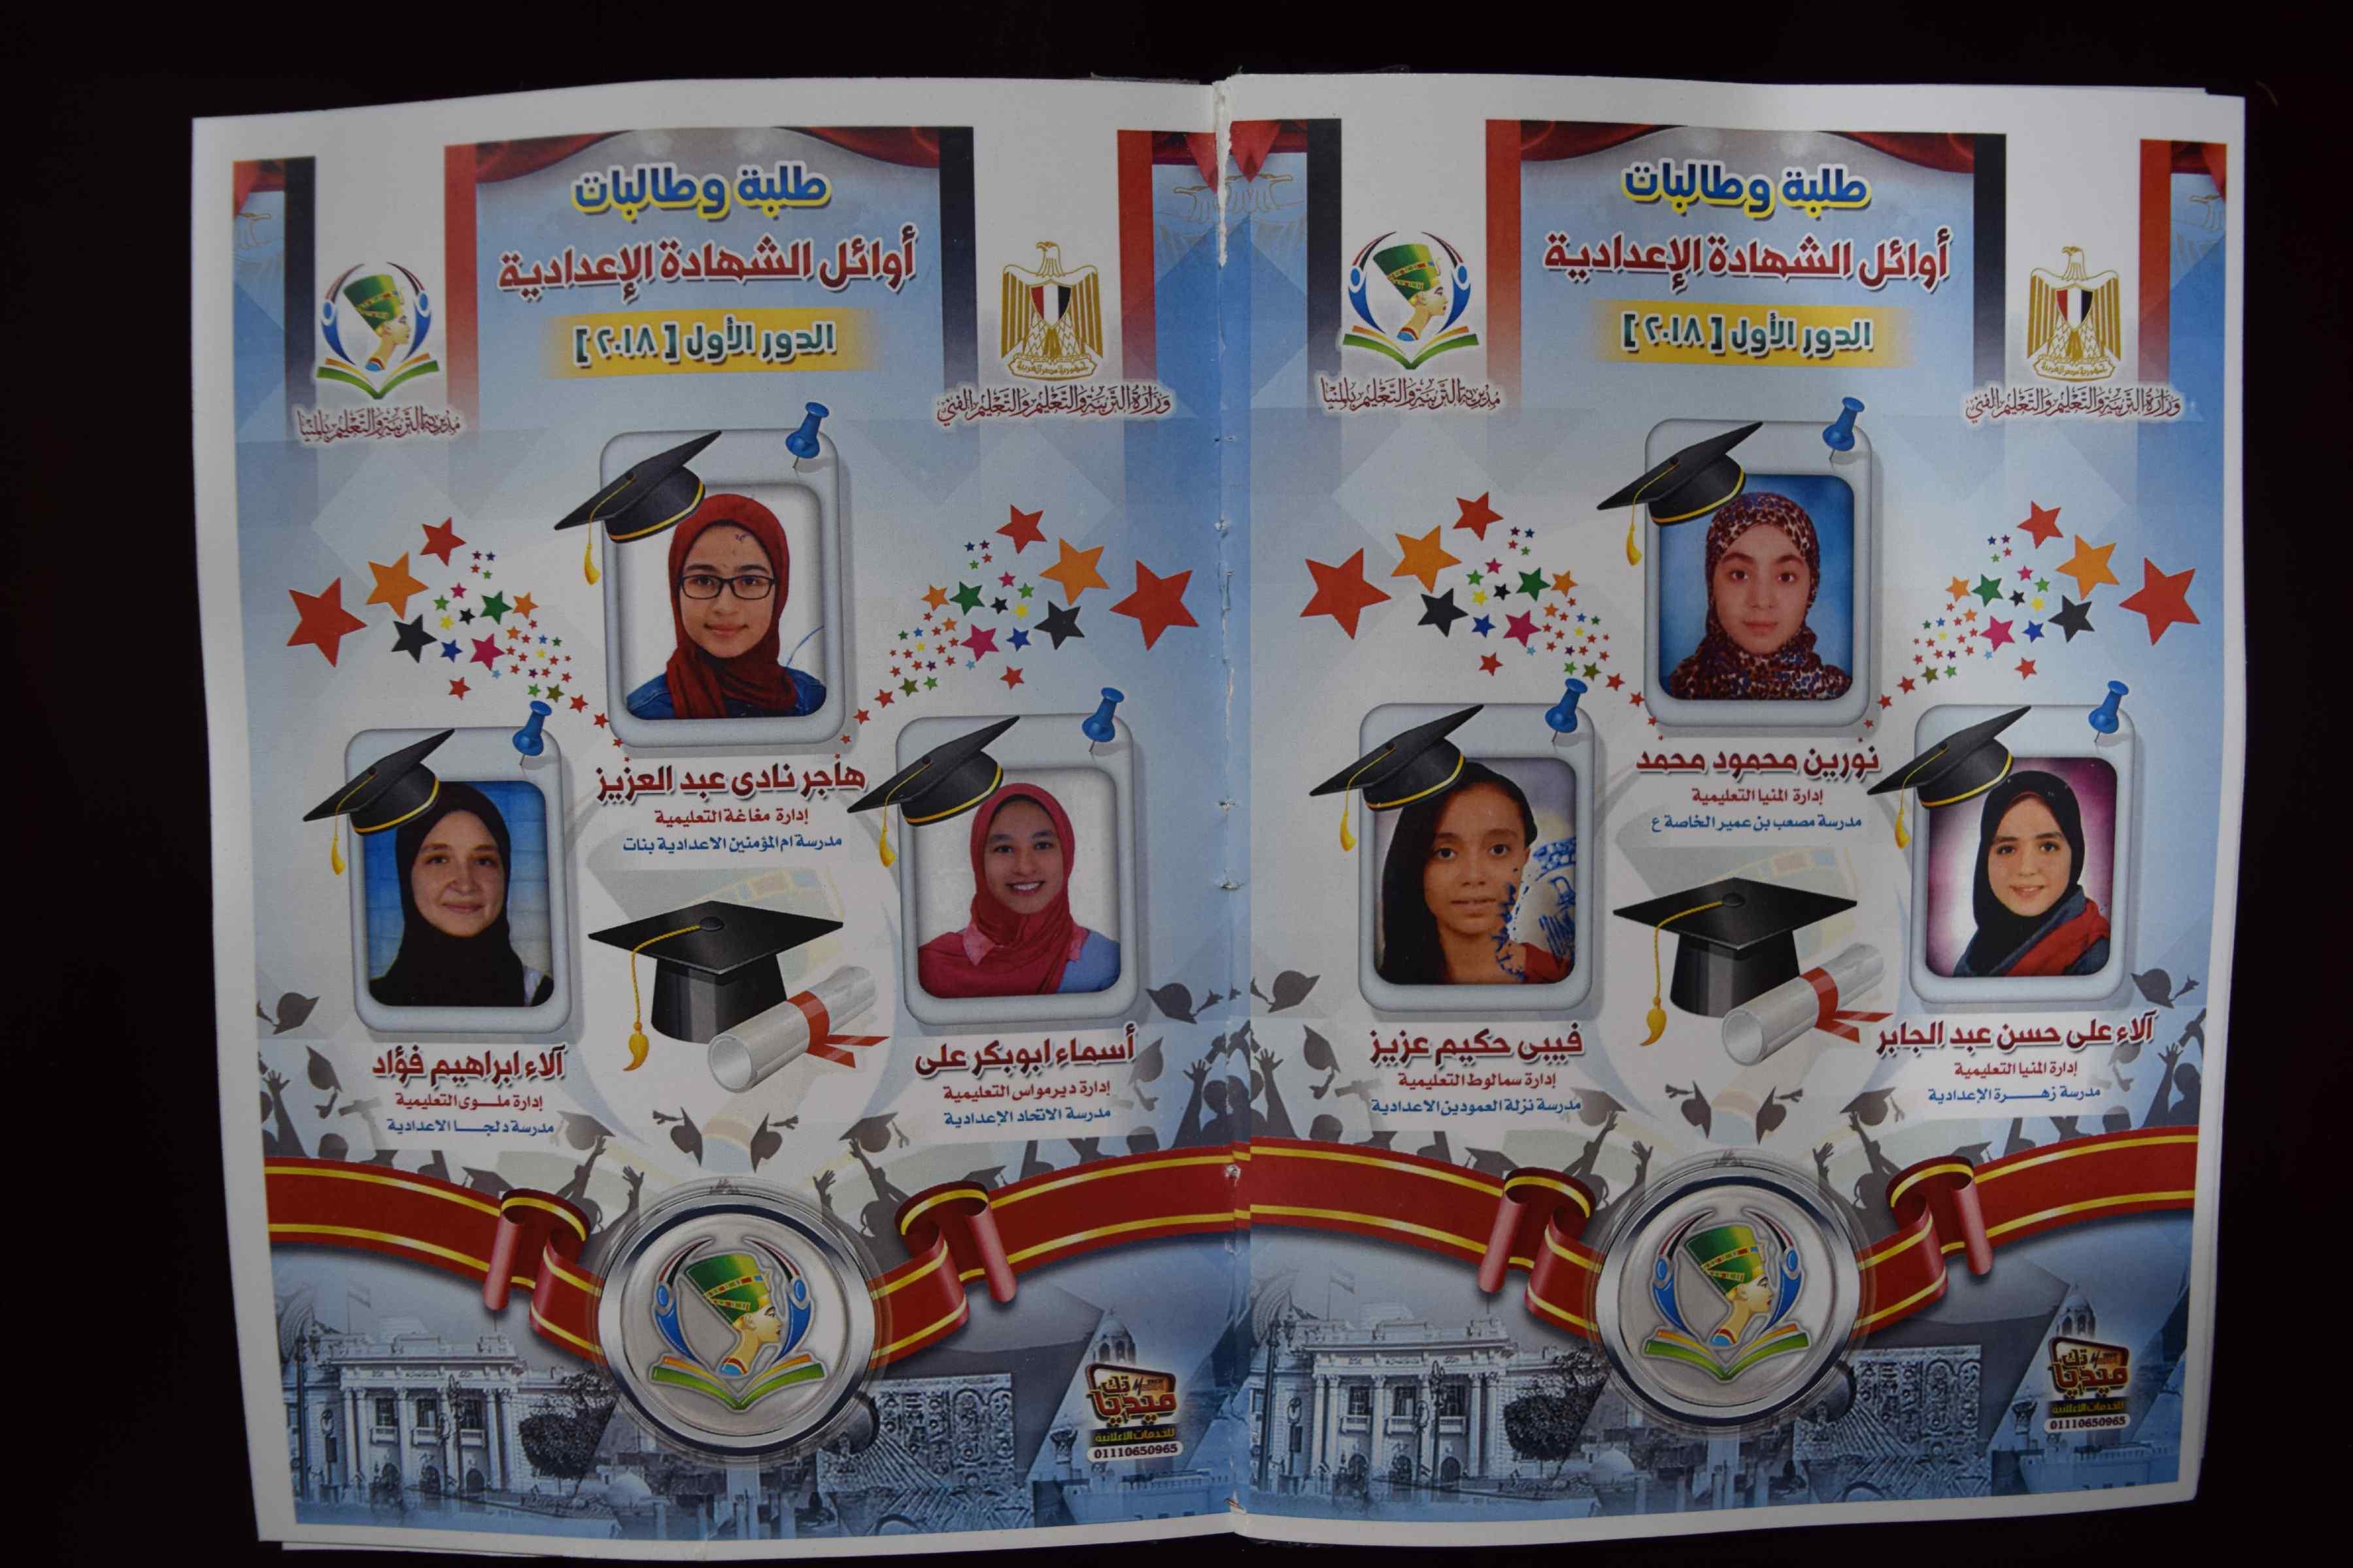 نتيجة الشهادة الابتدائية والإعدادية محافظة المنيا 2019 برقم الجلوس 11